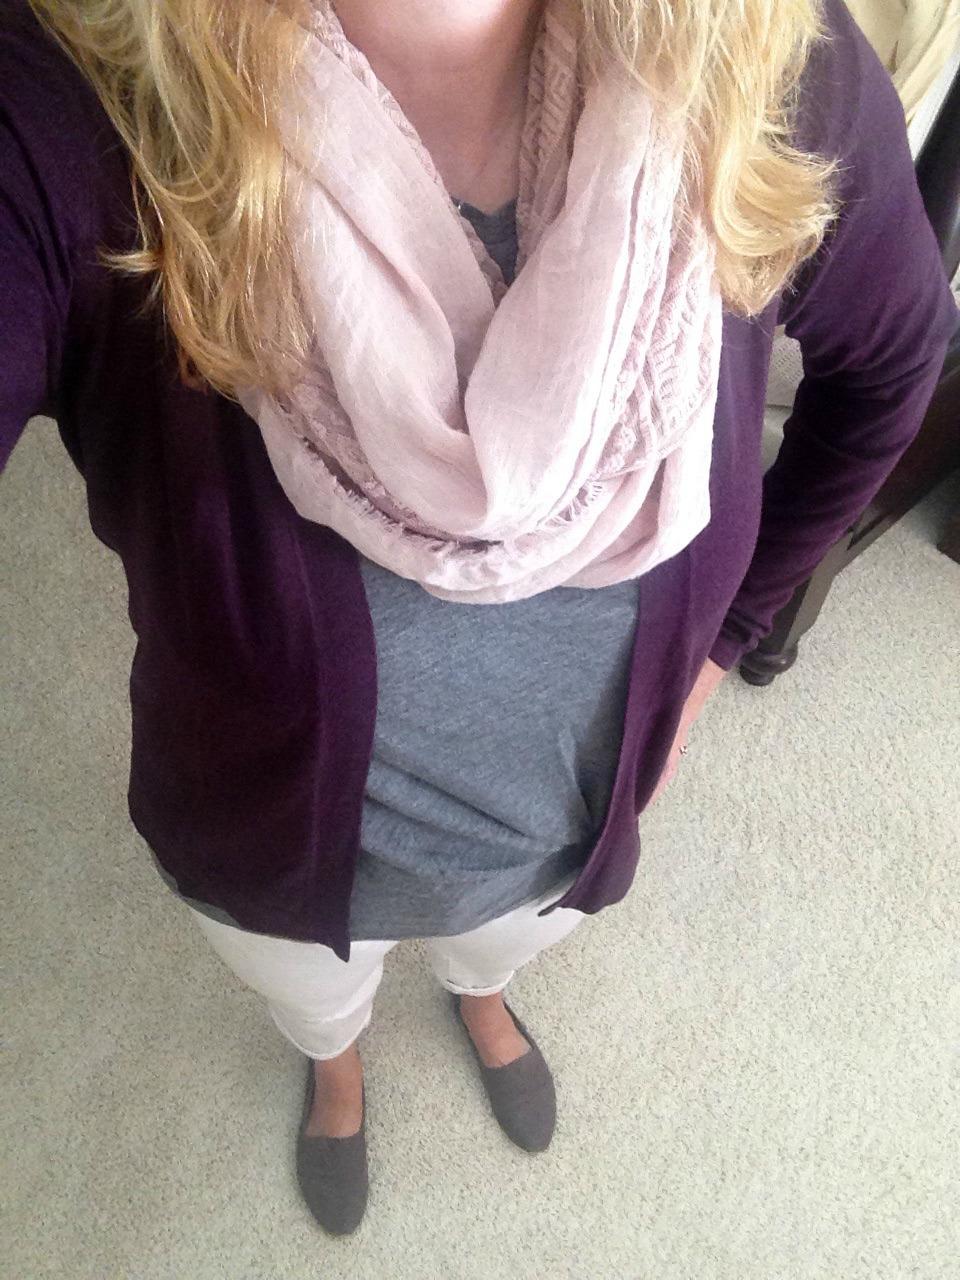 My New Happy September 2015 Jill Beauty Lip Matte 13 Purplish Plum Blush And